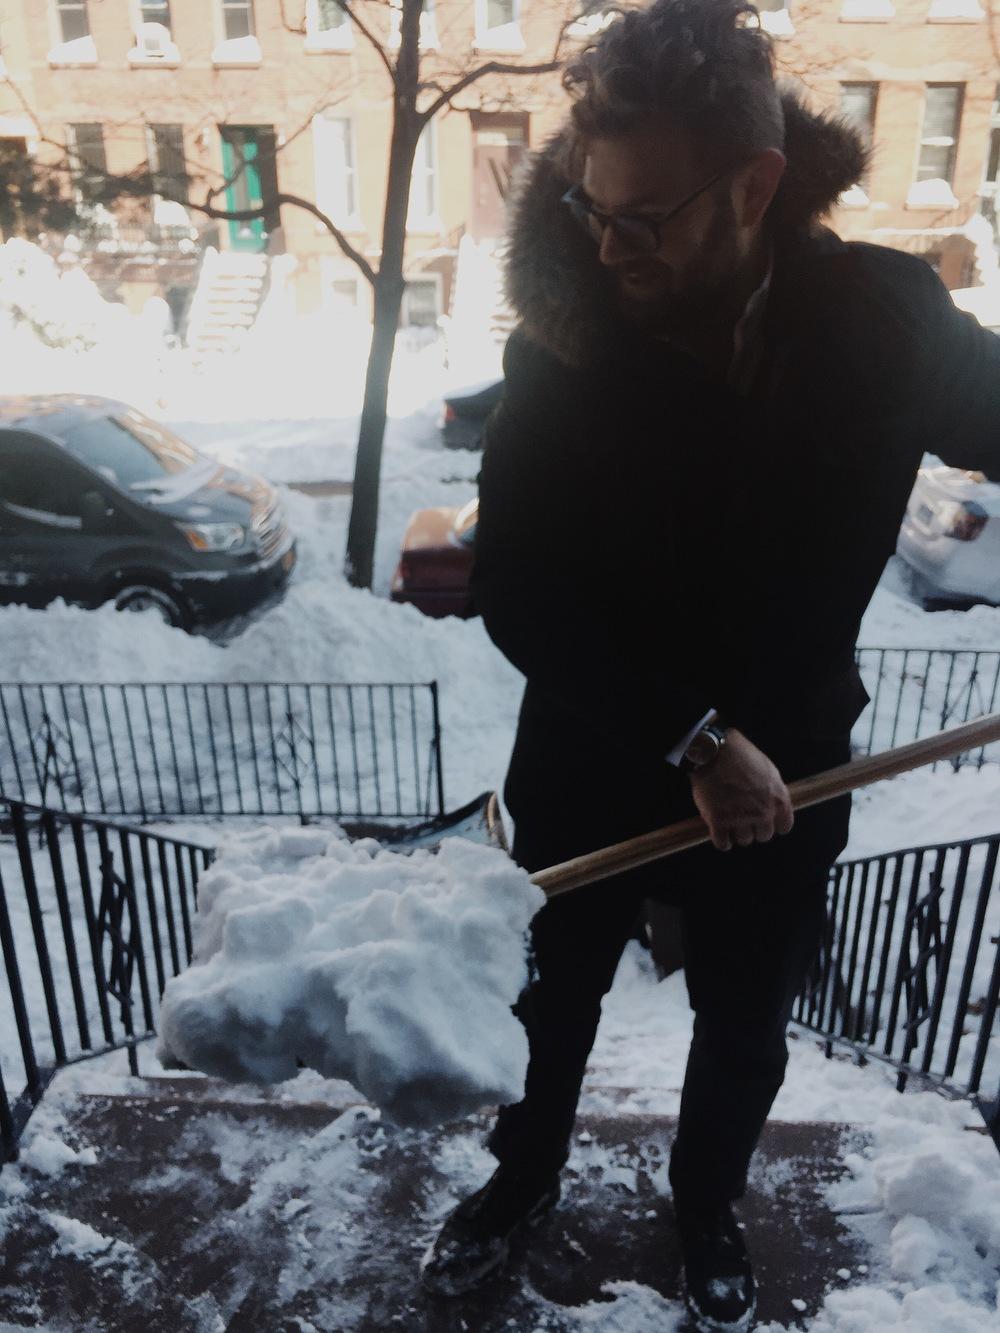 isaac shovelling snow